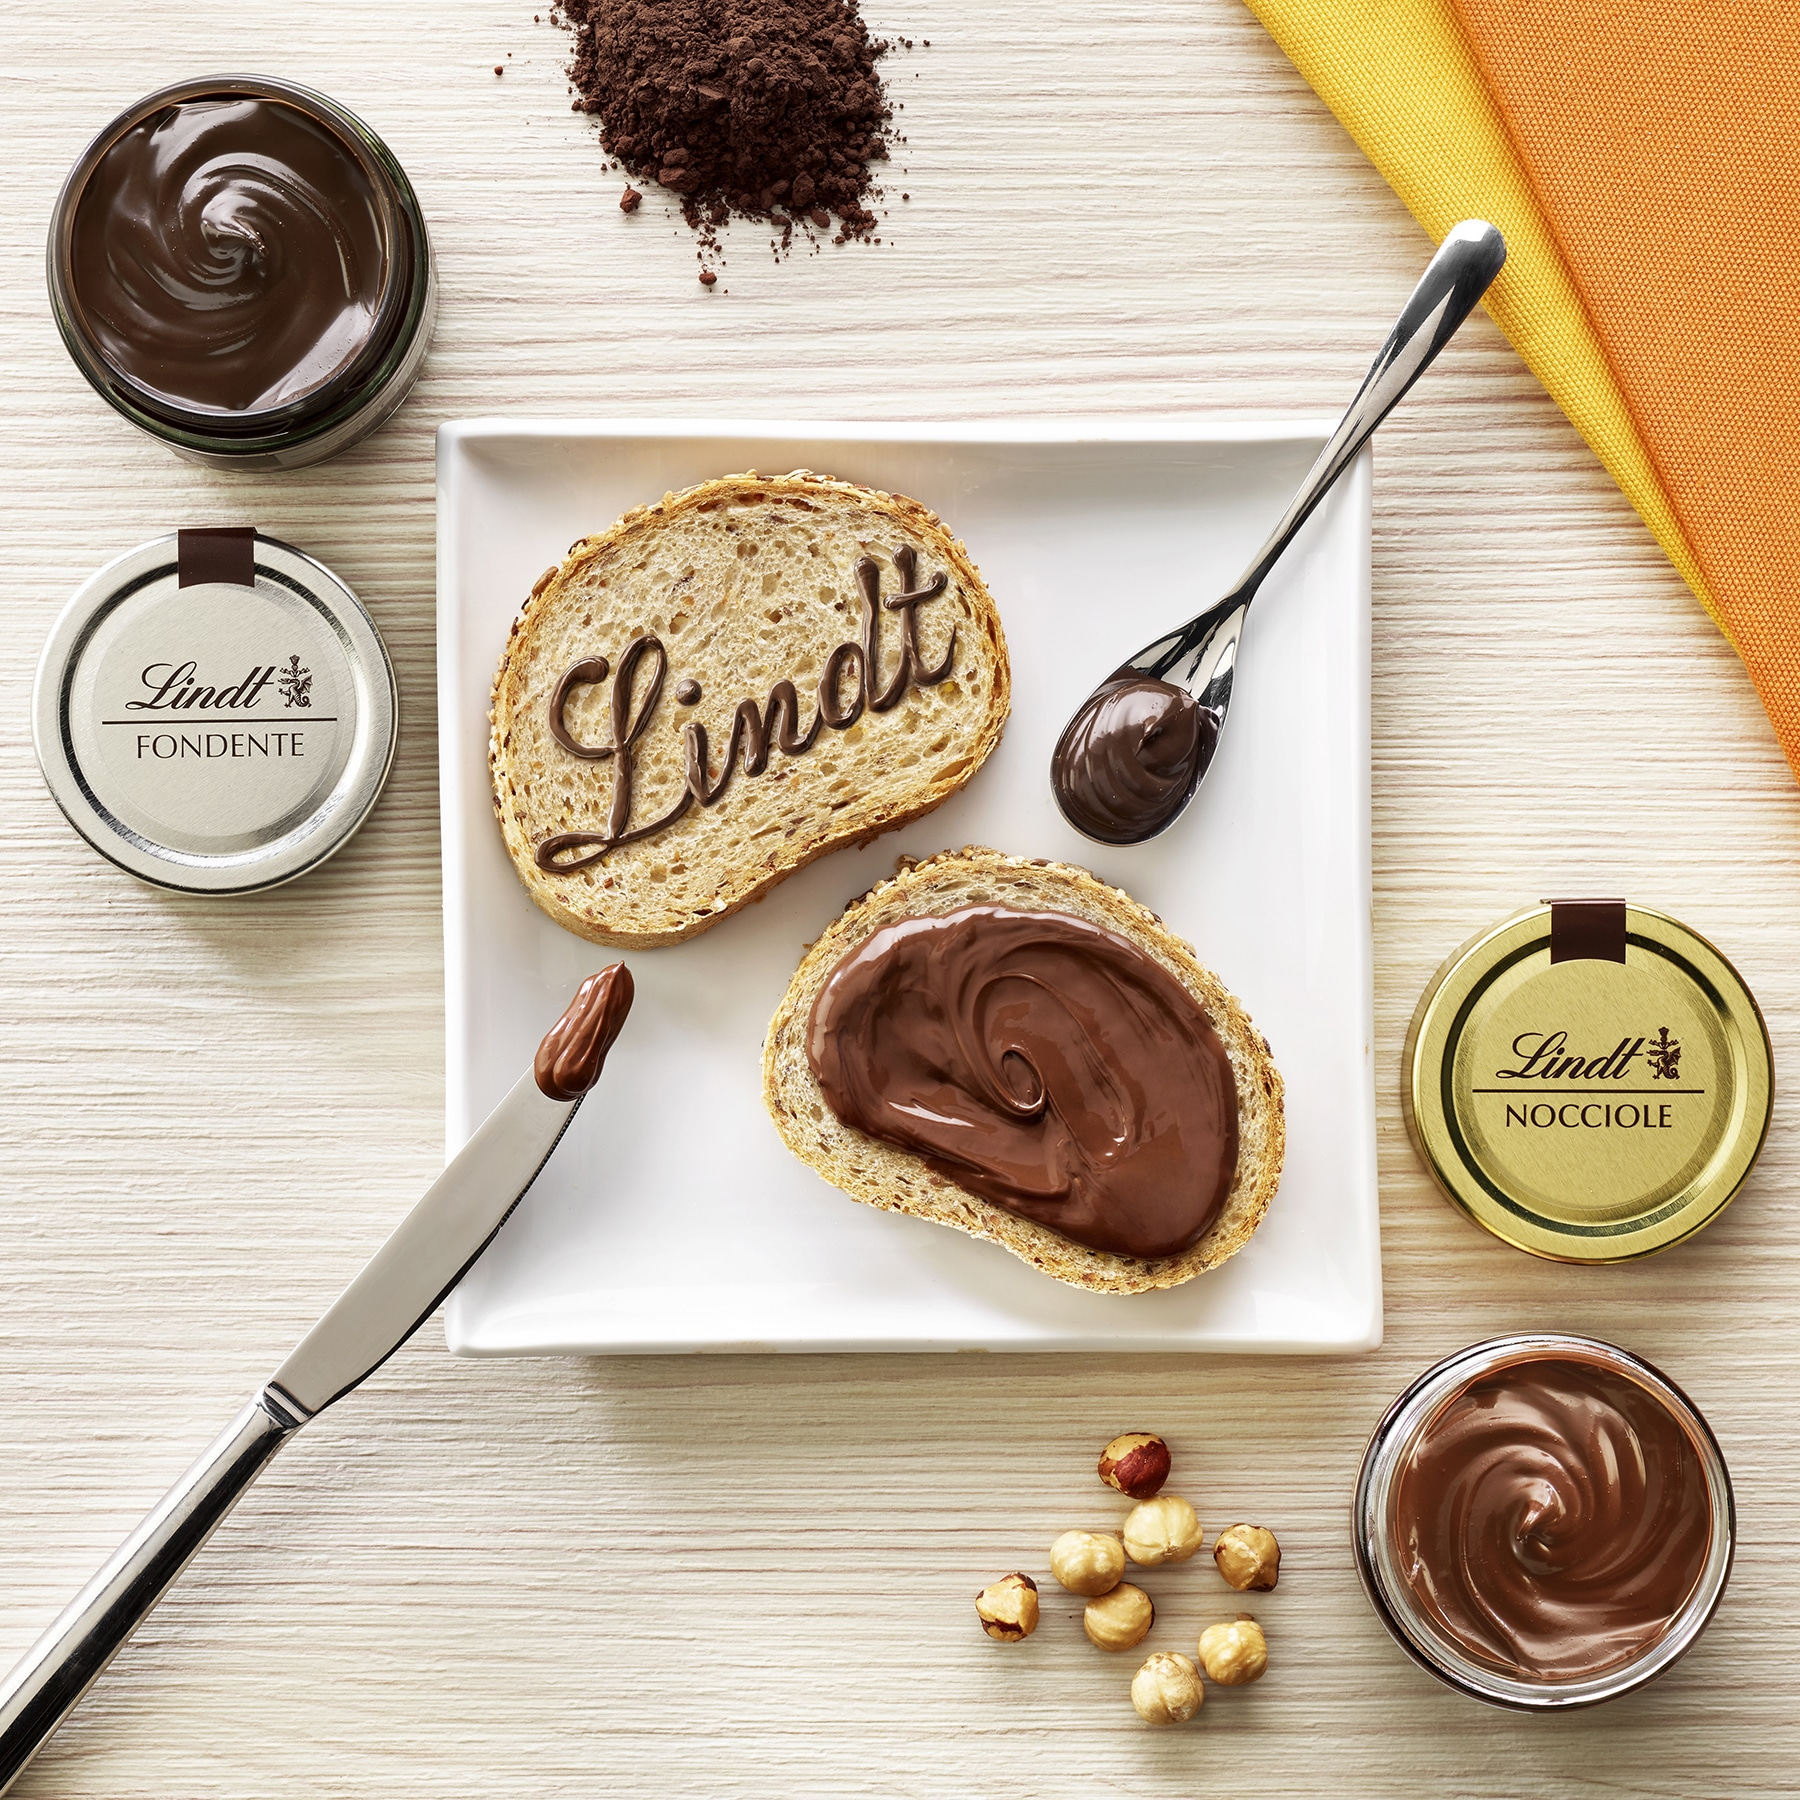 Lindt Cioccolato Crema Spalmabile Nocciole Fondente Food Shot by Fotografando